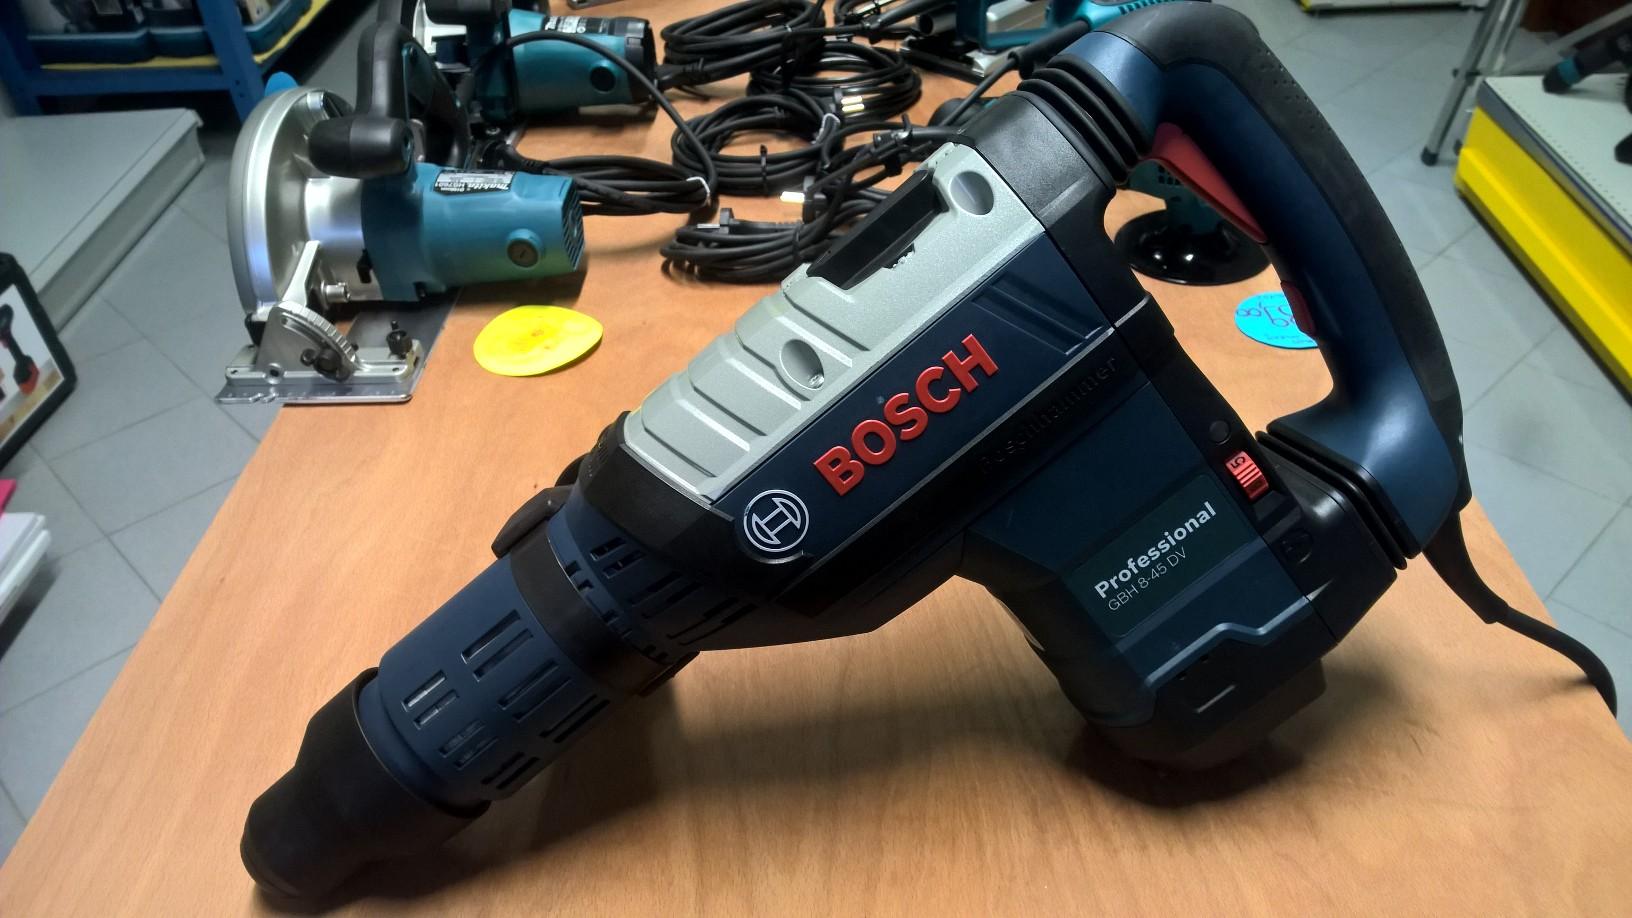 Hammer drill 8kg - bosch gbh 8-45dv - sds-max